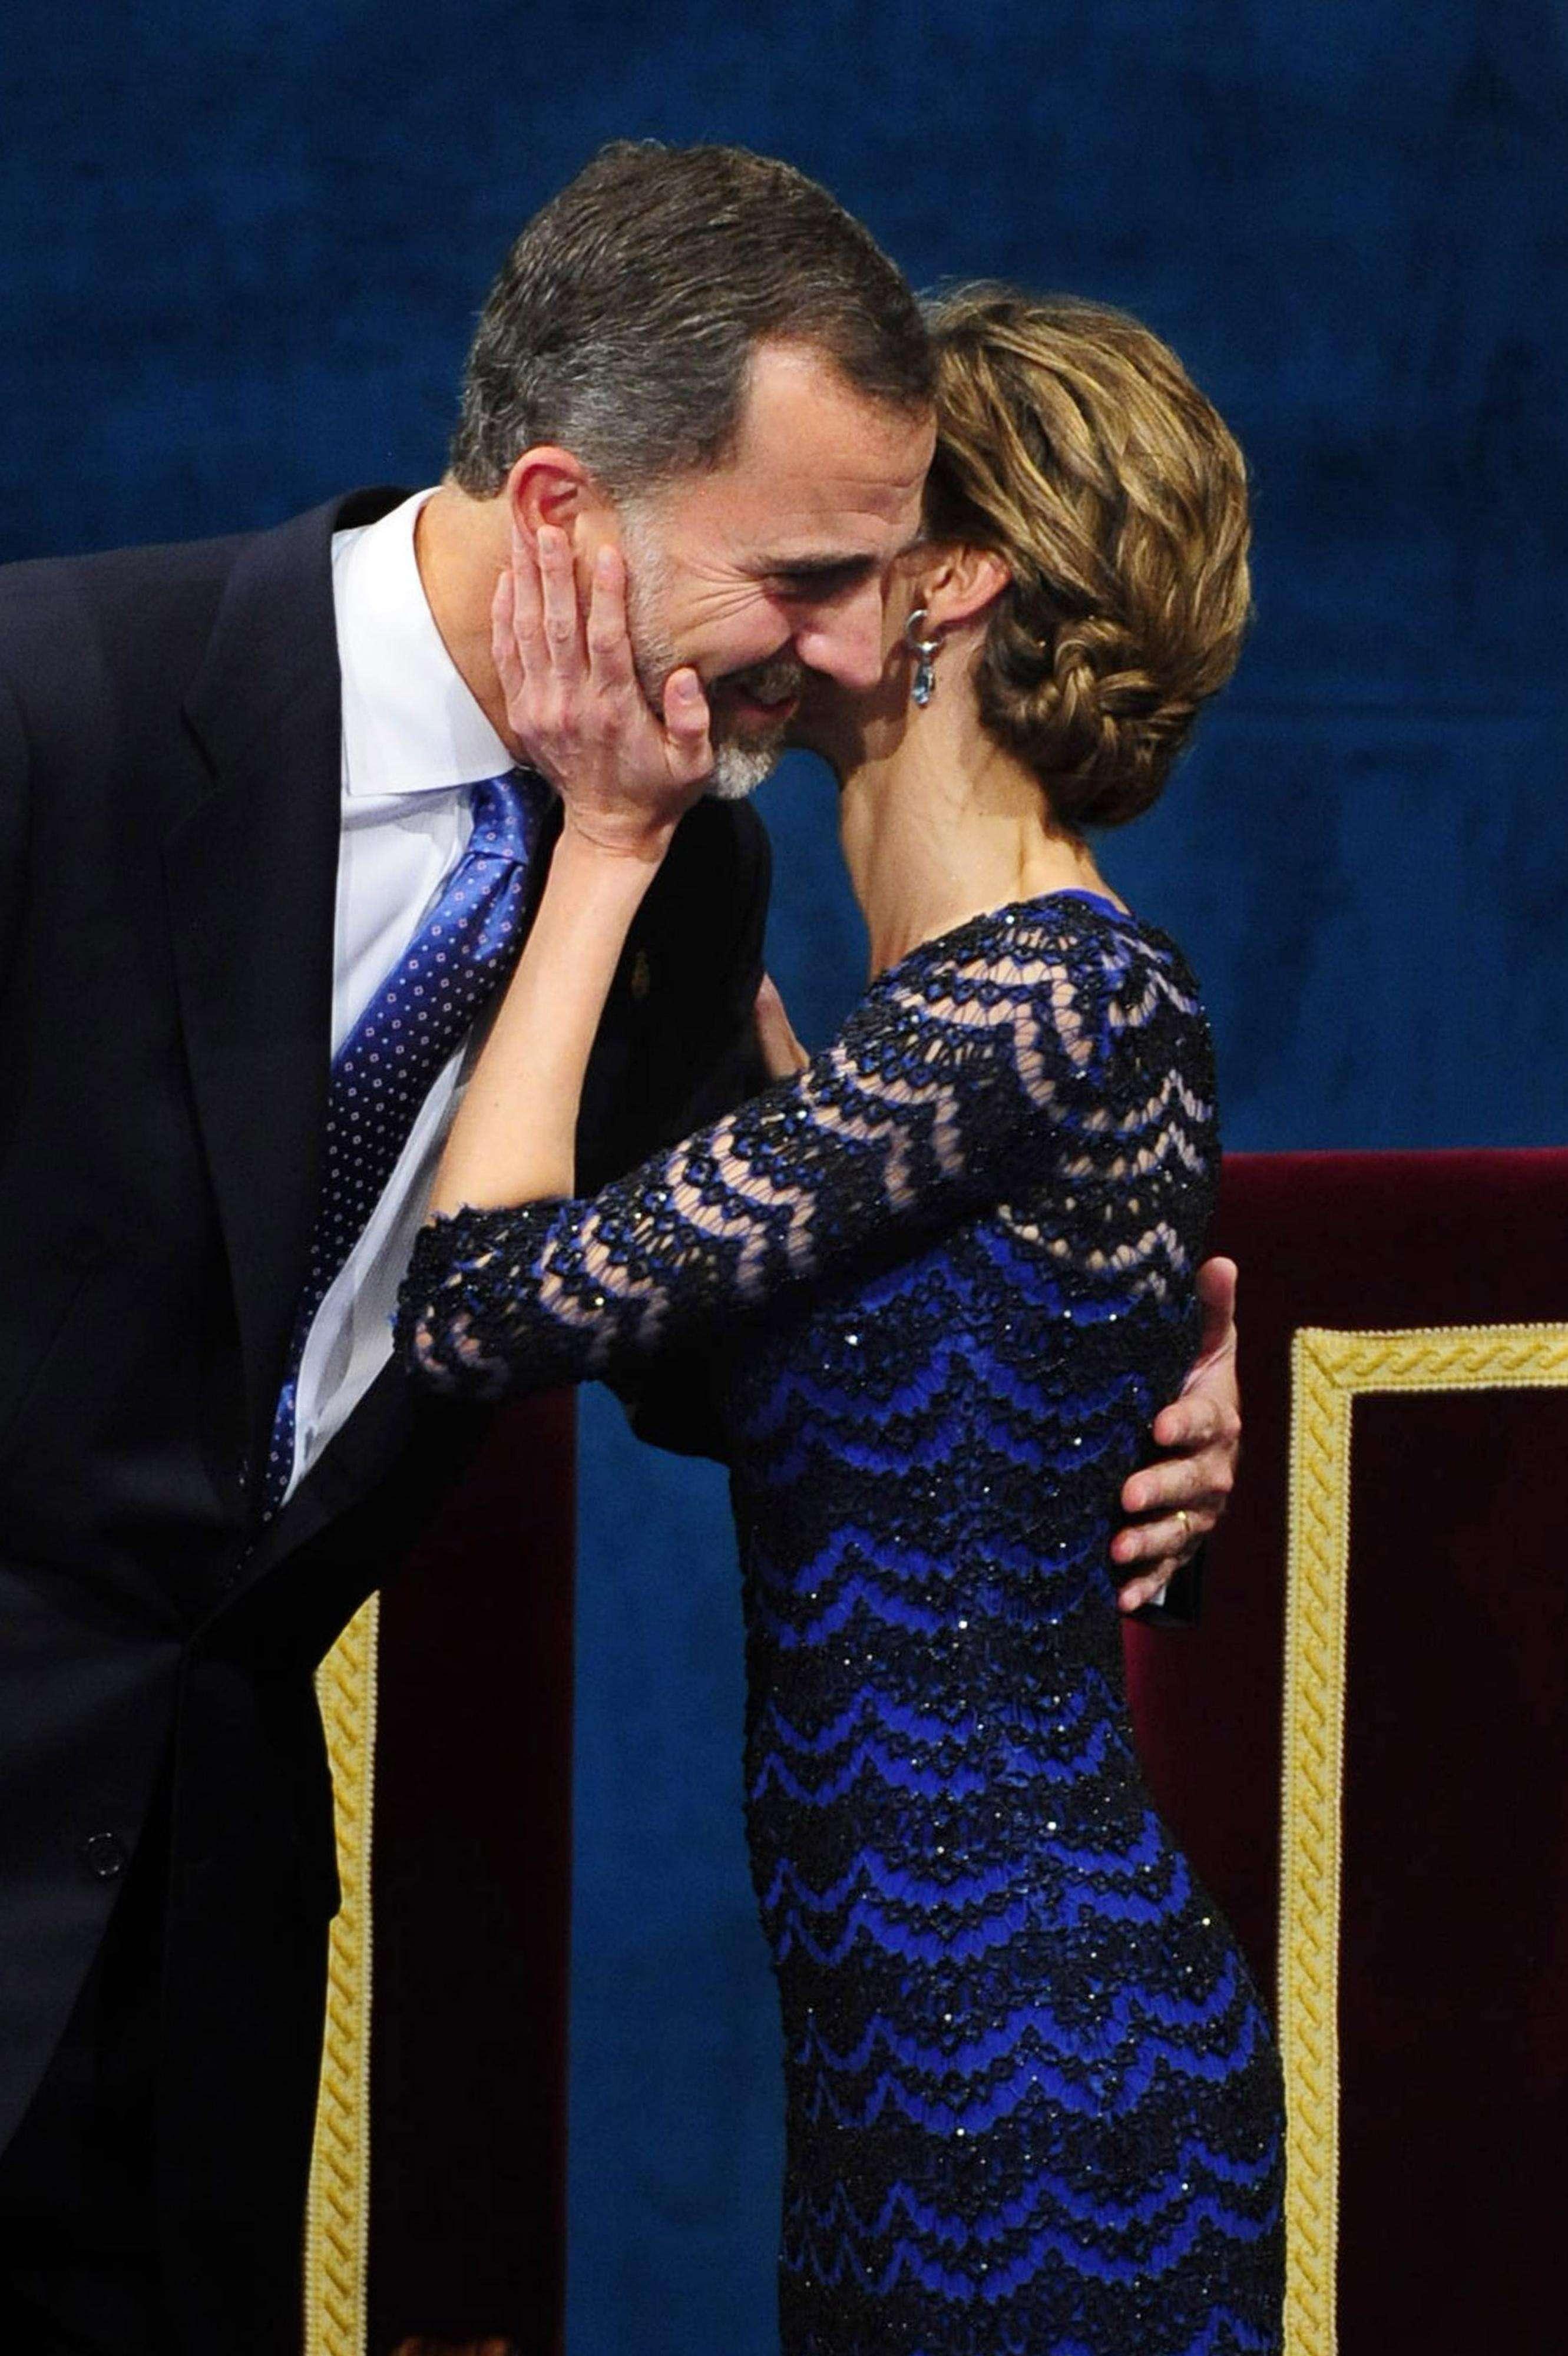 Durante la ceremonia las muestras de complicidad y las miradas de cariño fueron constantes entre don Felipe y doña Letizia, sobre todo tras el emotivo discurso del Rey, momento en el que la Reina le felicitó con un beso en la mejilla que pasará a la historia. Foto: Gtres